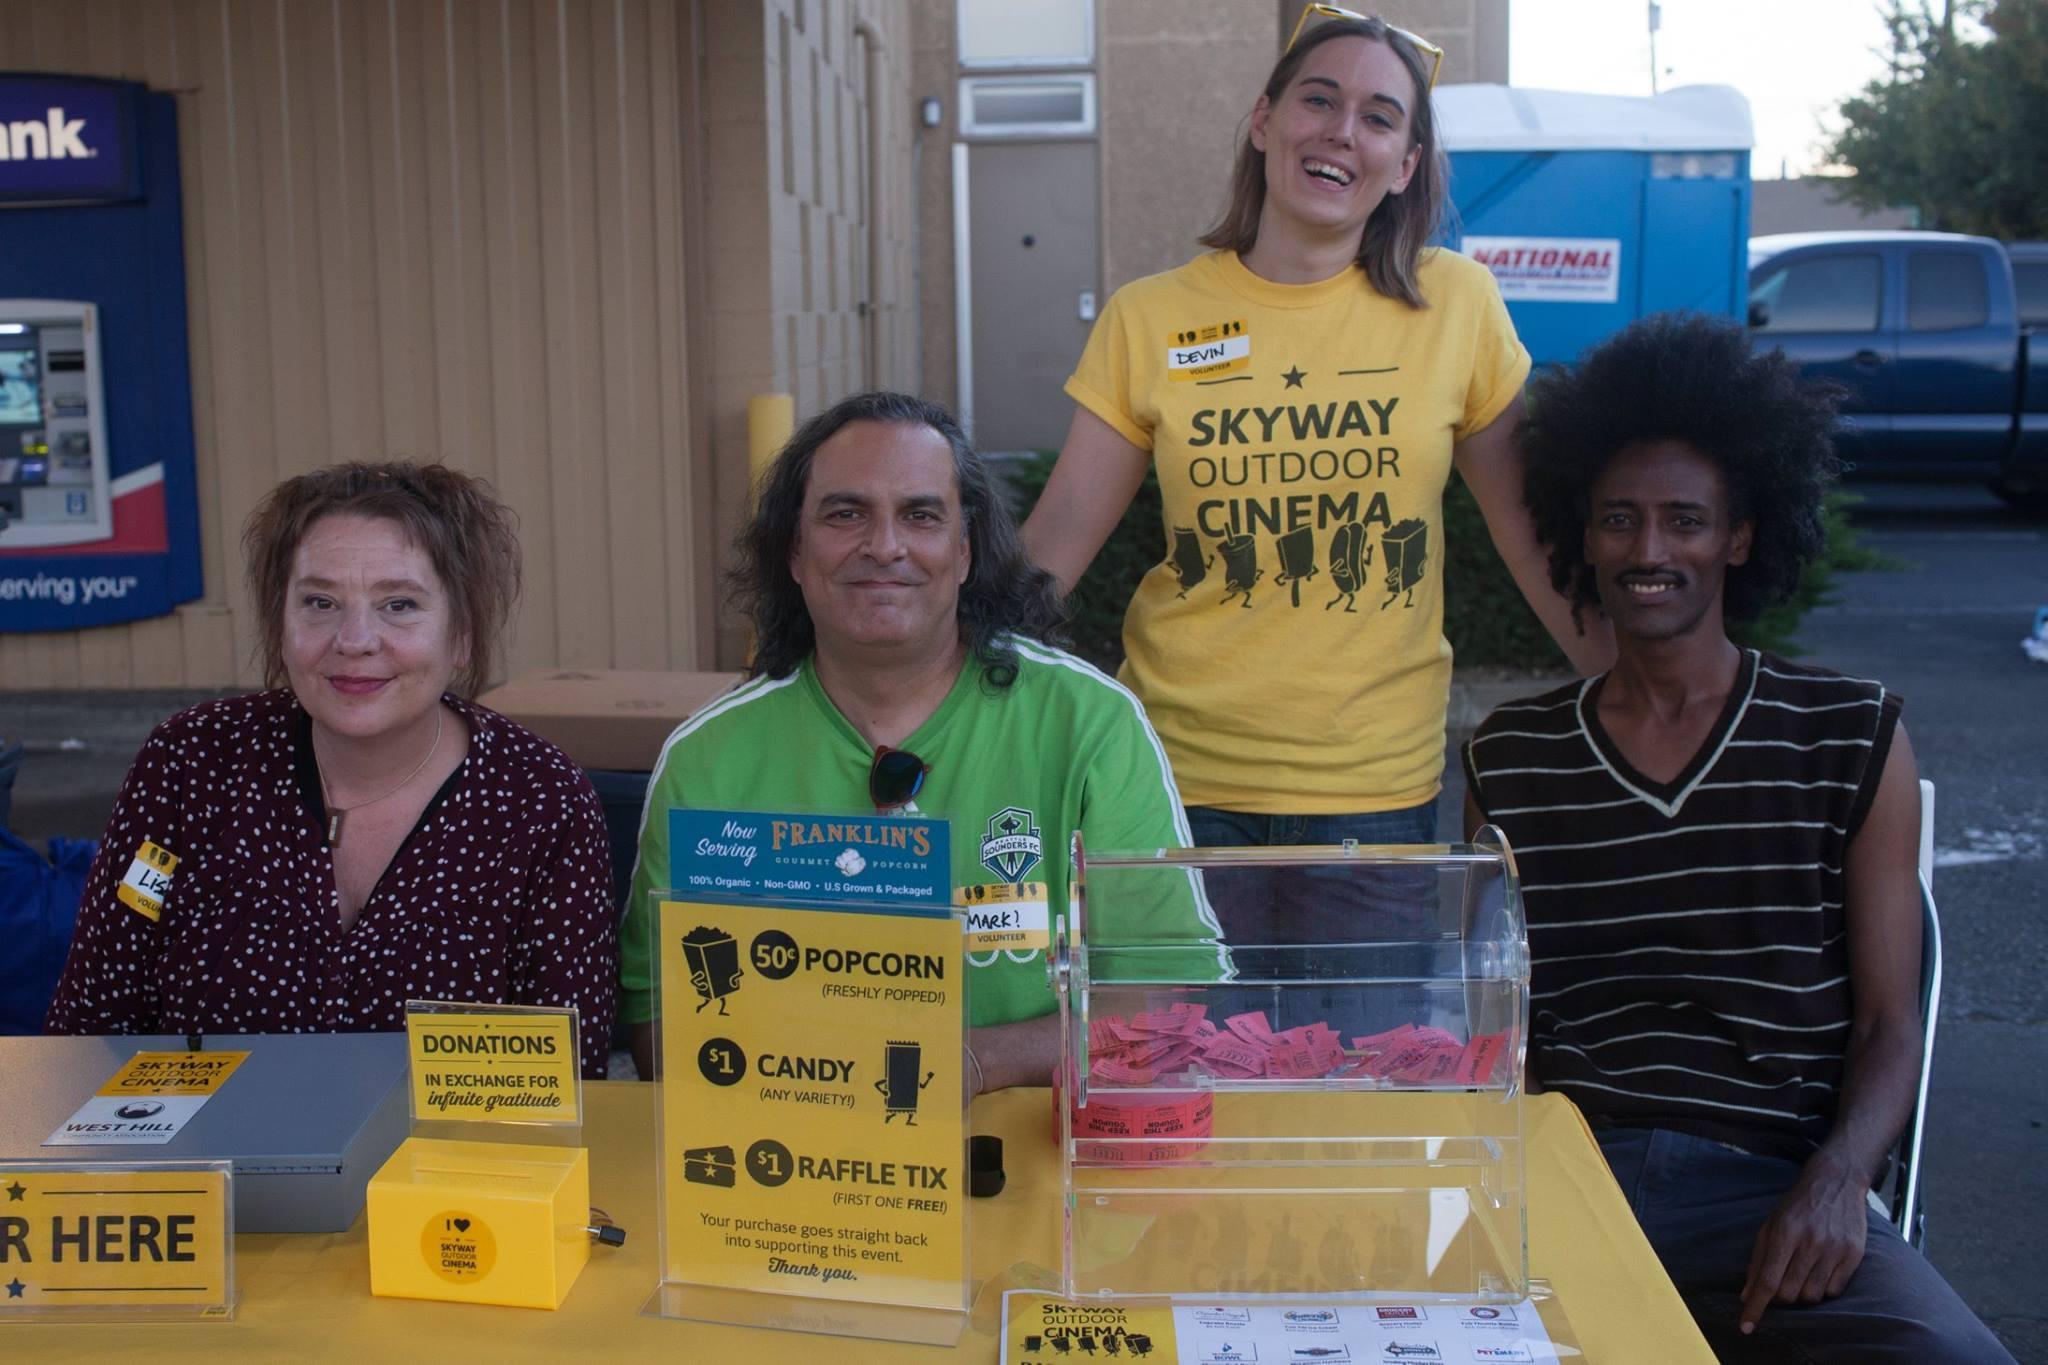 WHCA Board Members at Skyway Outdoor Cinema 2017